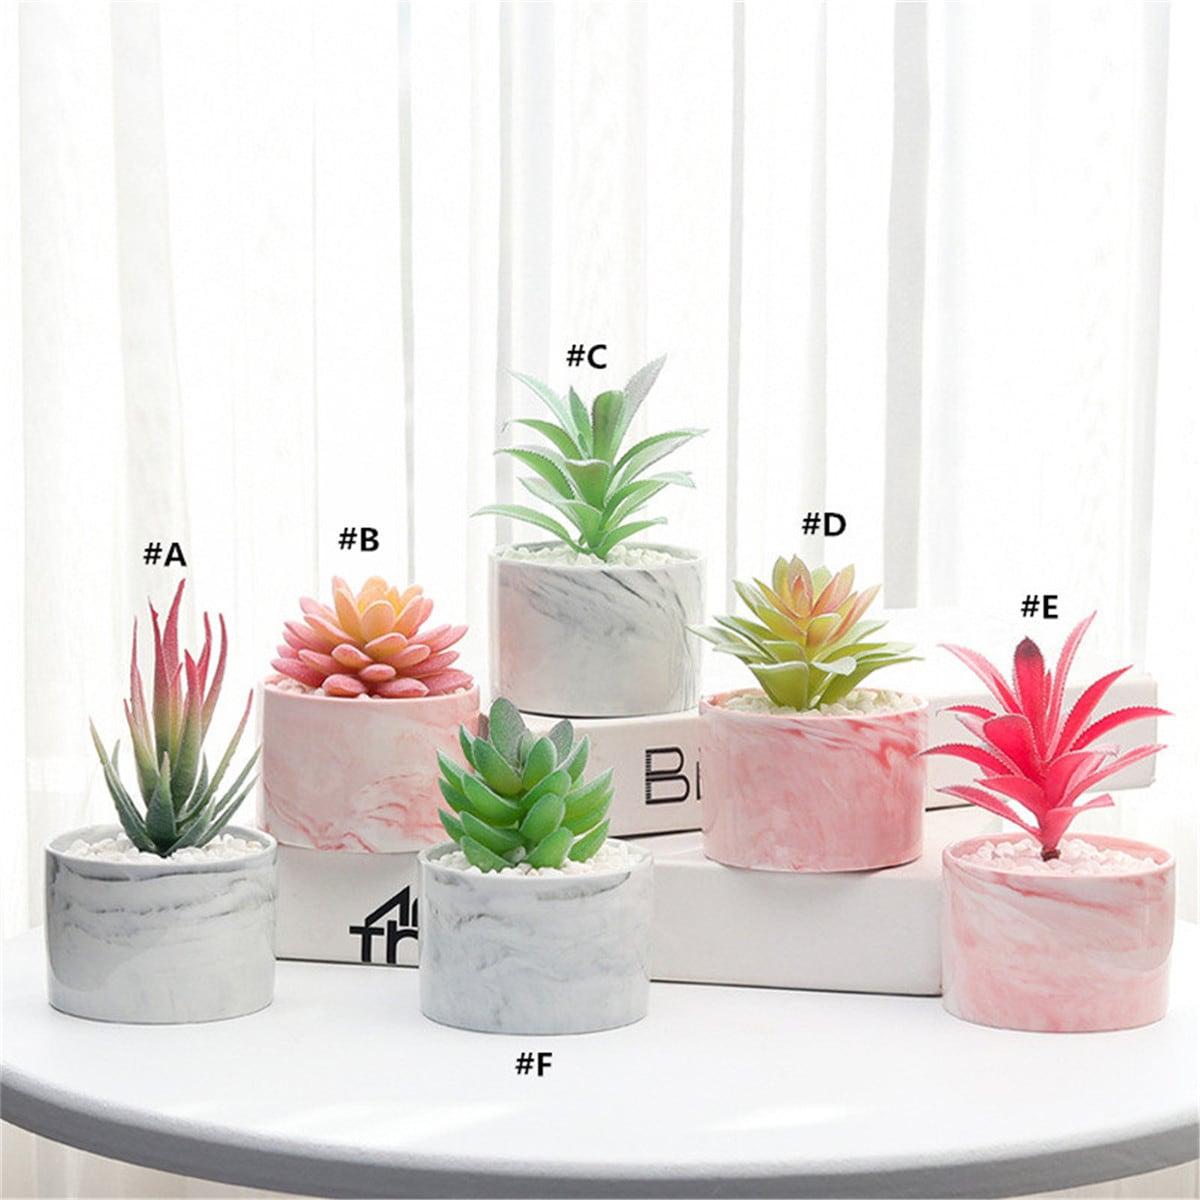 1 Stück Künstliche Sukkulenten Pflanze mit Keramiktopf